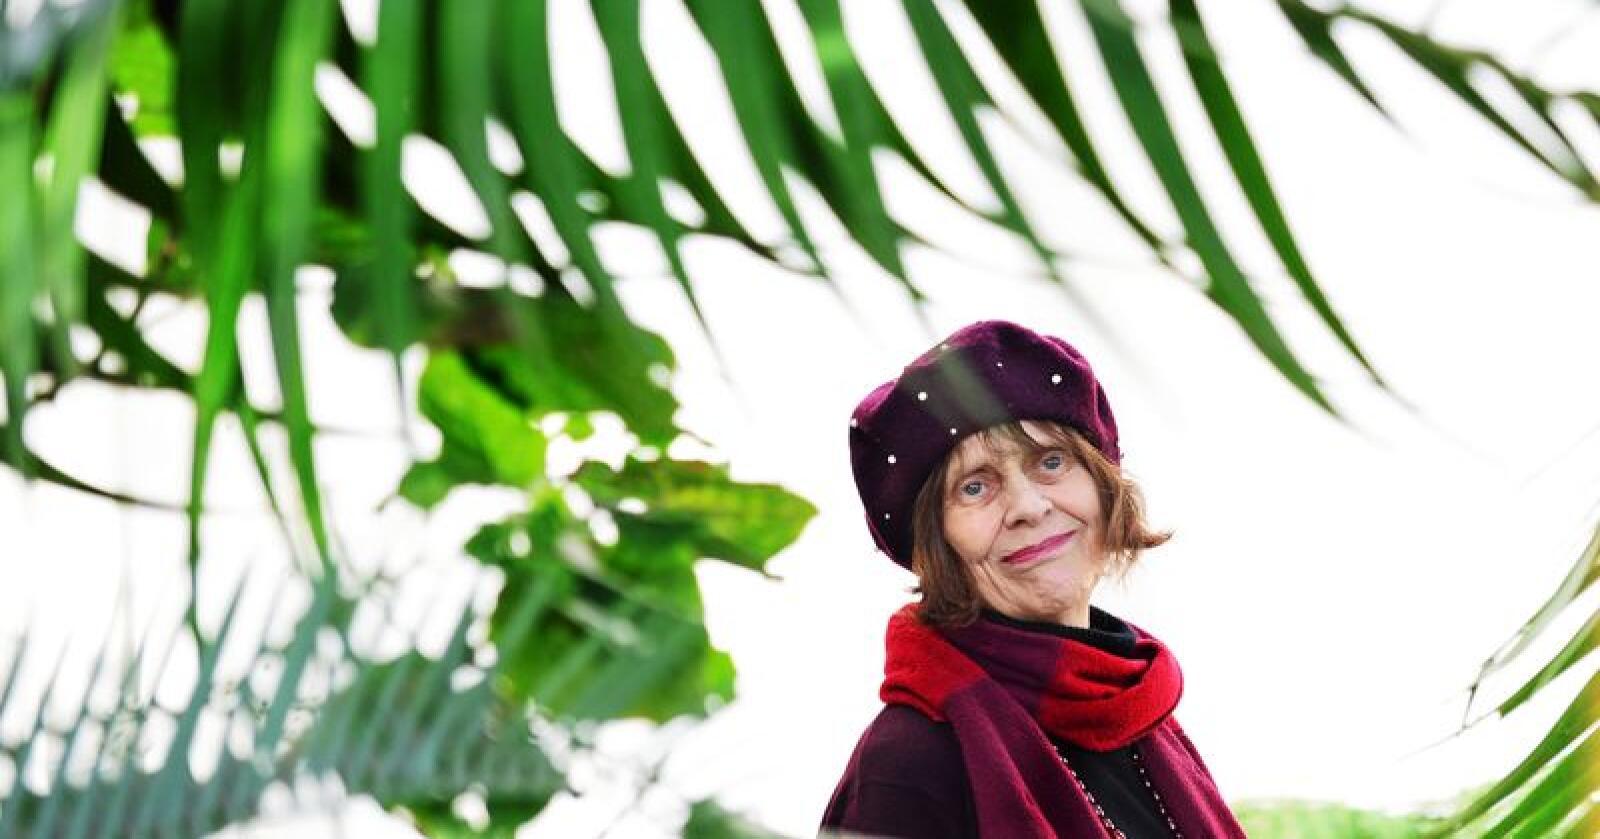 """Kari Gåsvatn. Forfatter av boken """" Geriljahagen"""" og journalist i Nationen. Foto: Siri Juell Rasmussen"""